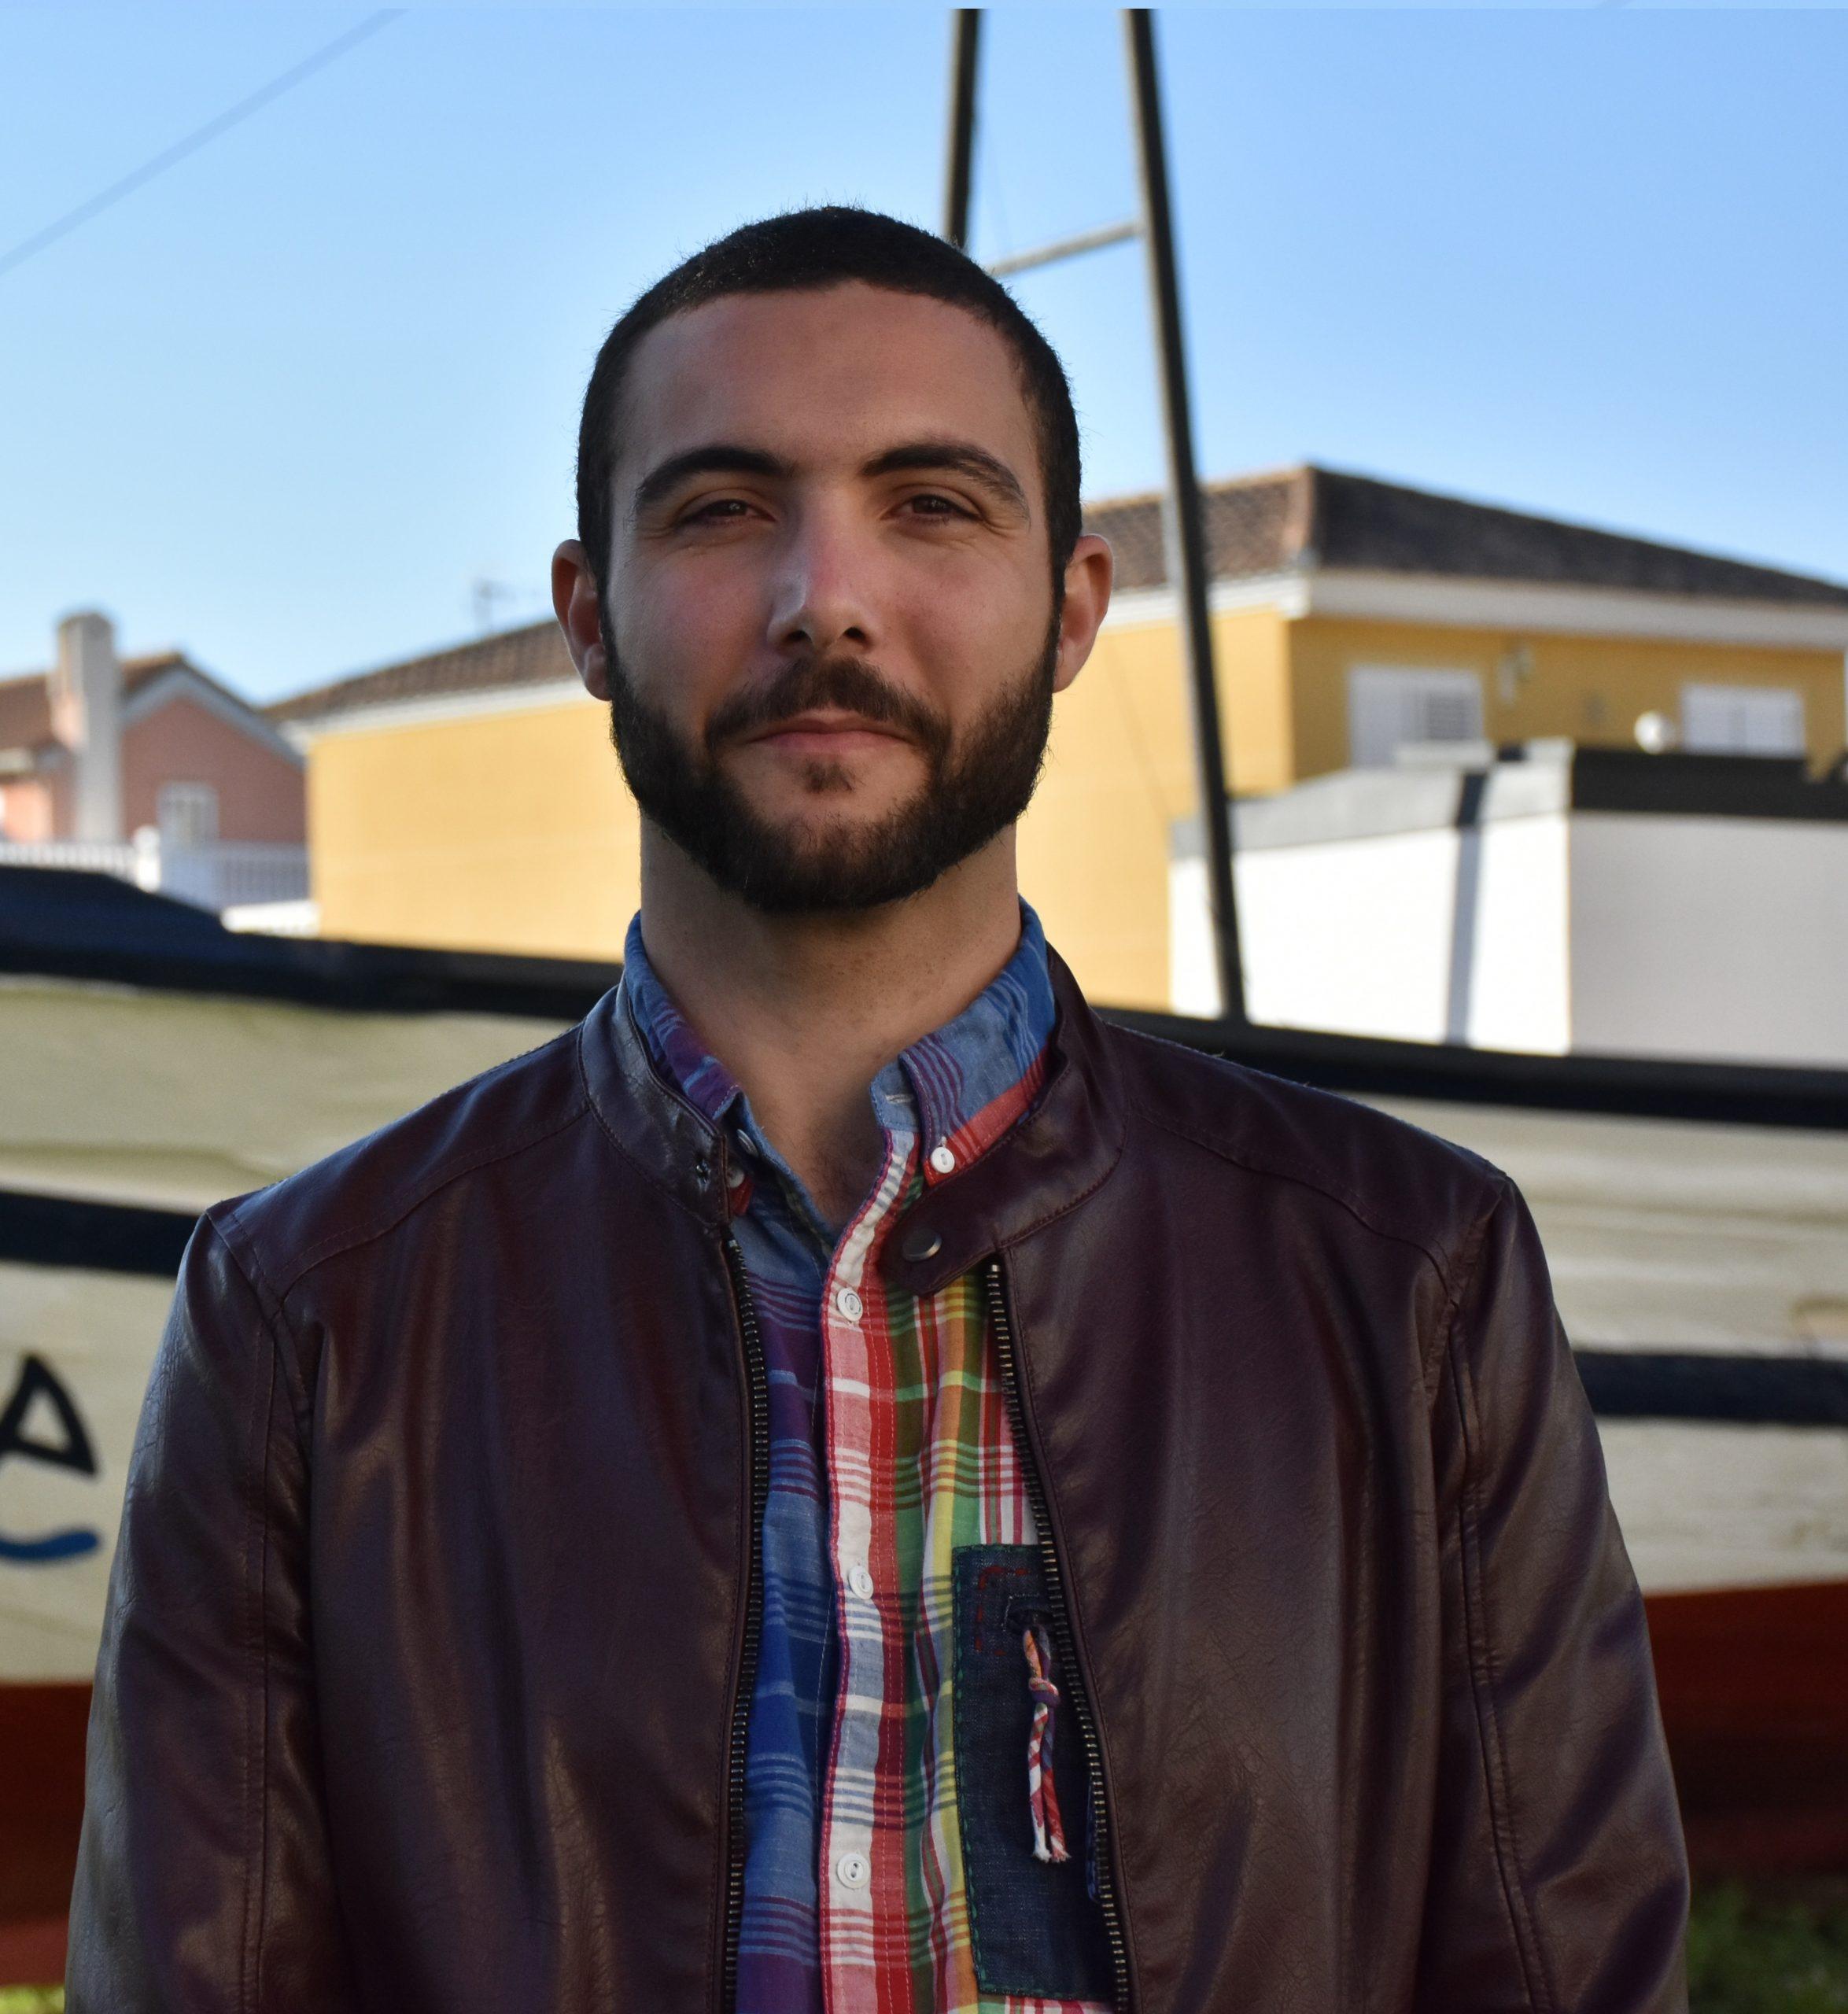 Entrevista al concejal de Podem de Moncofa, Rafa Segarra